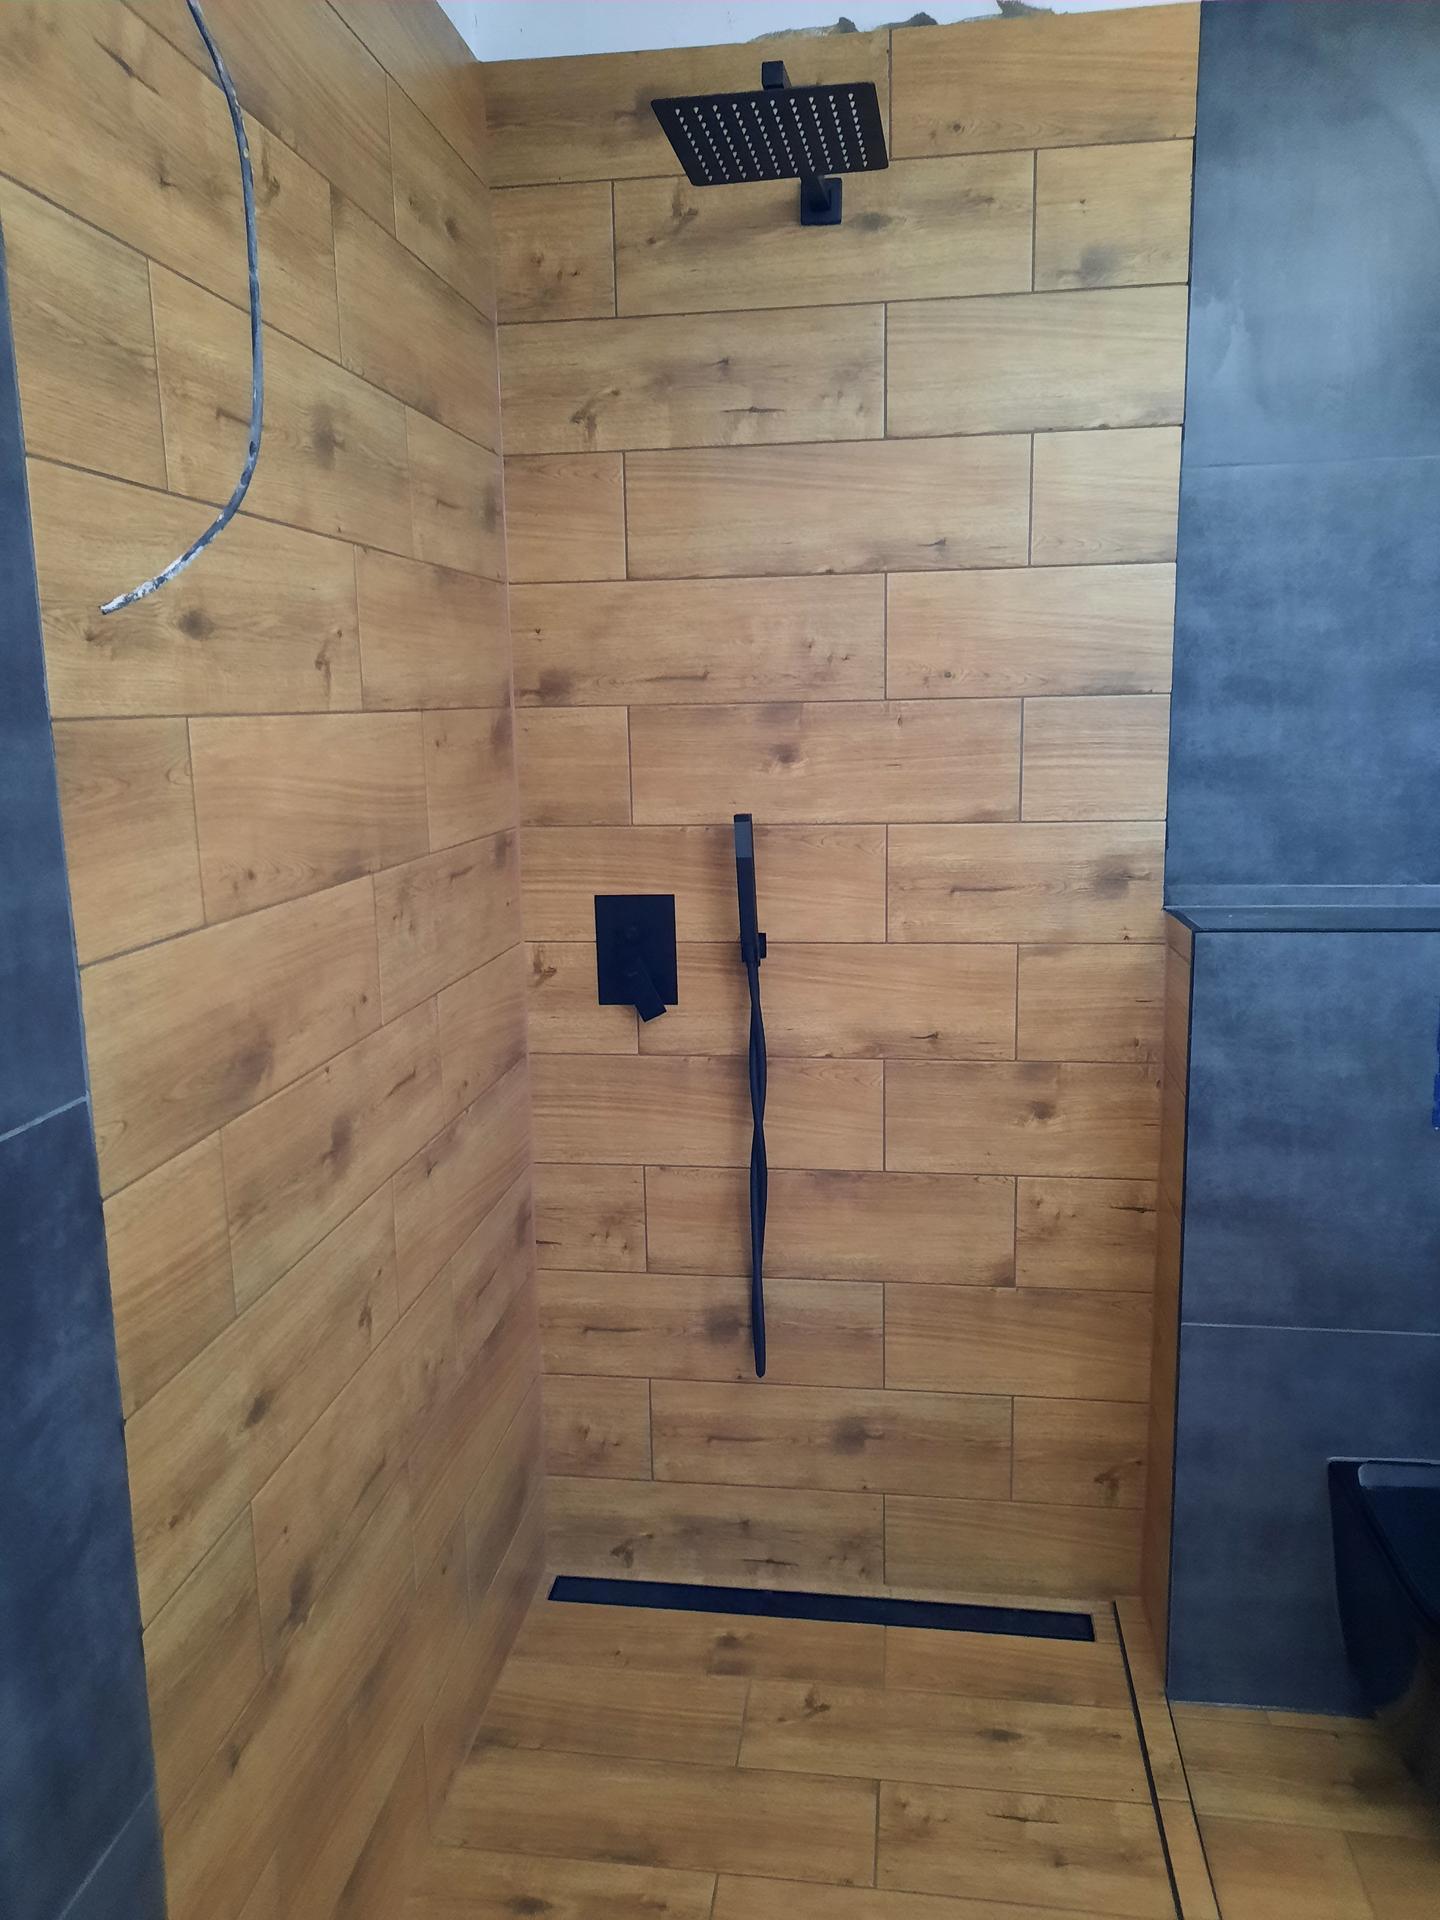 Malý dom s veľkou záhradou - Sprcha ...100x120cm